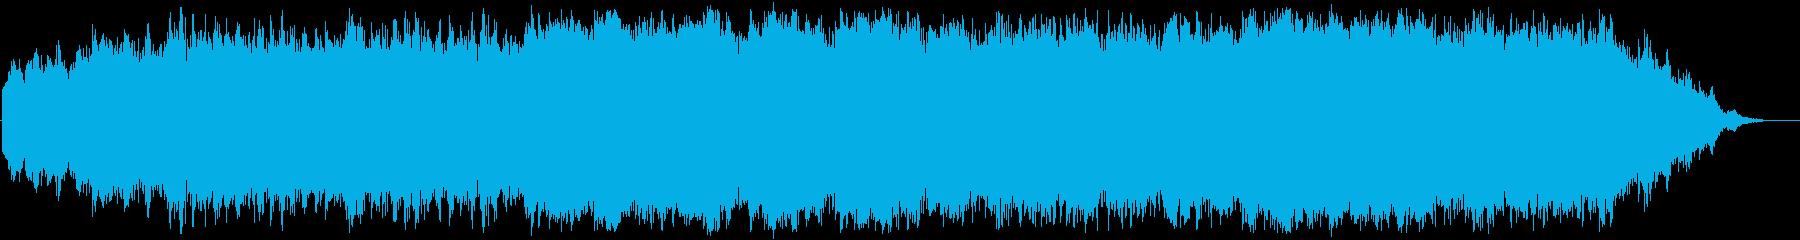 ガムランとピアノの幻想曲の再生済みの波形